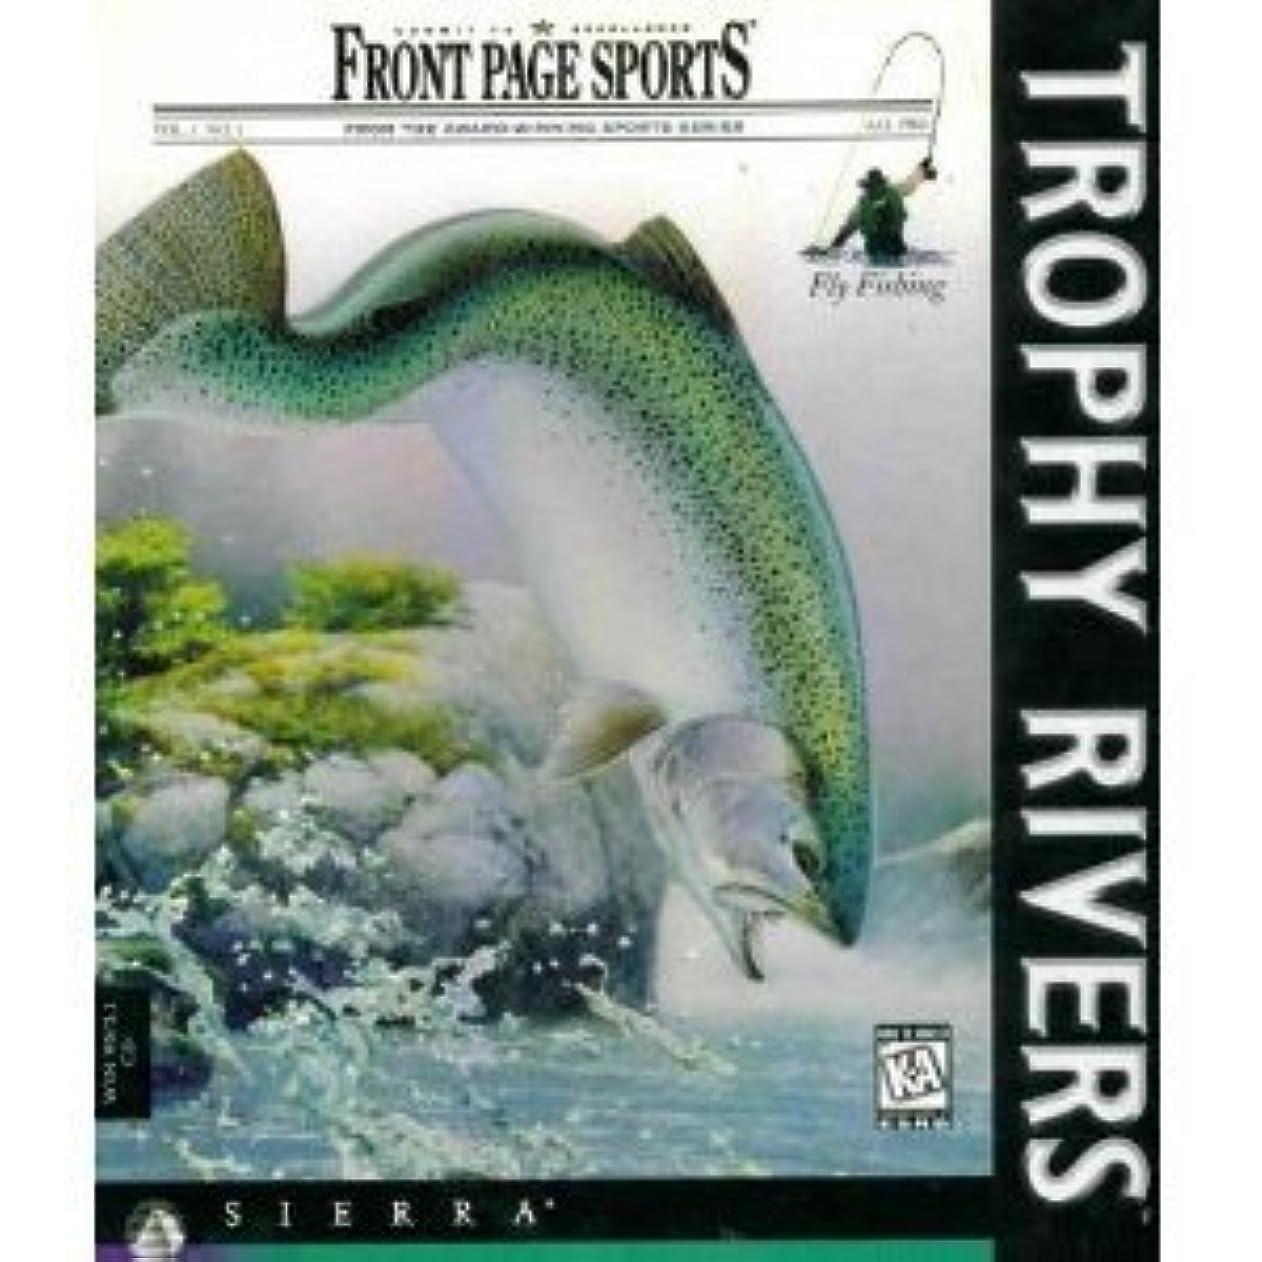 ニッケルラリーまぶしさTrophy Rivers All Pro Fly Fishing (輸入版)